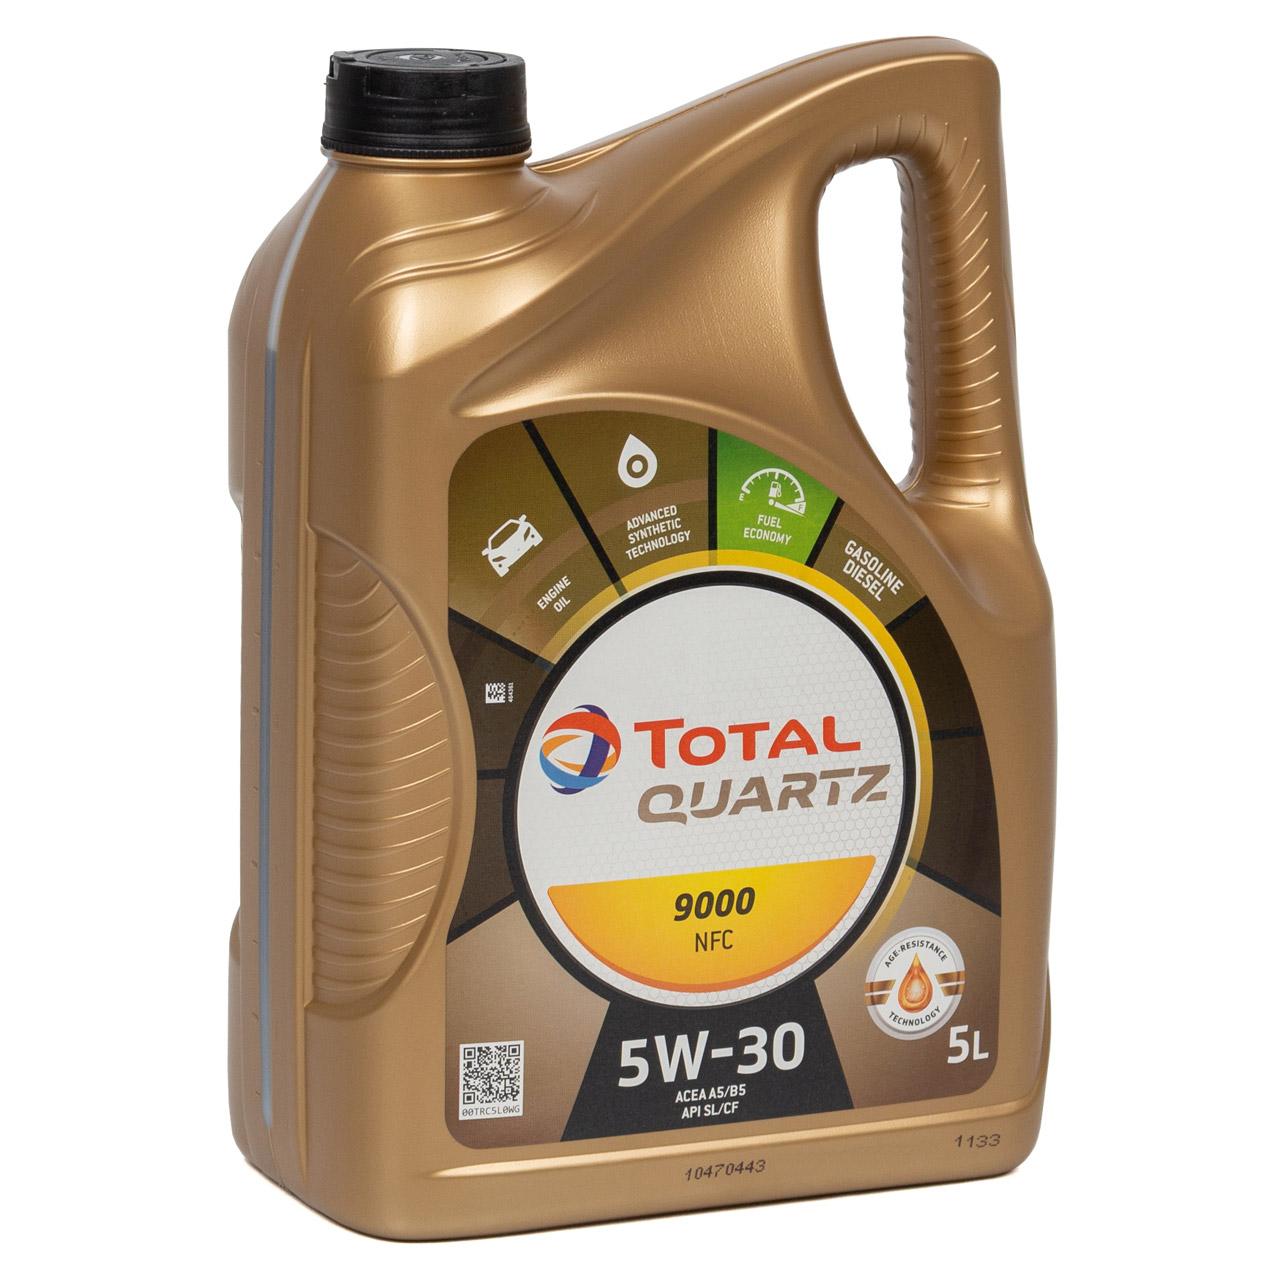 6L 6 Liter TOTAL Motoröl Öl QUARTZ 9000 NFC 5W-30 ACEA A5/B5 FORD WSS-M2C913-D